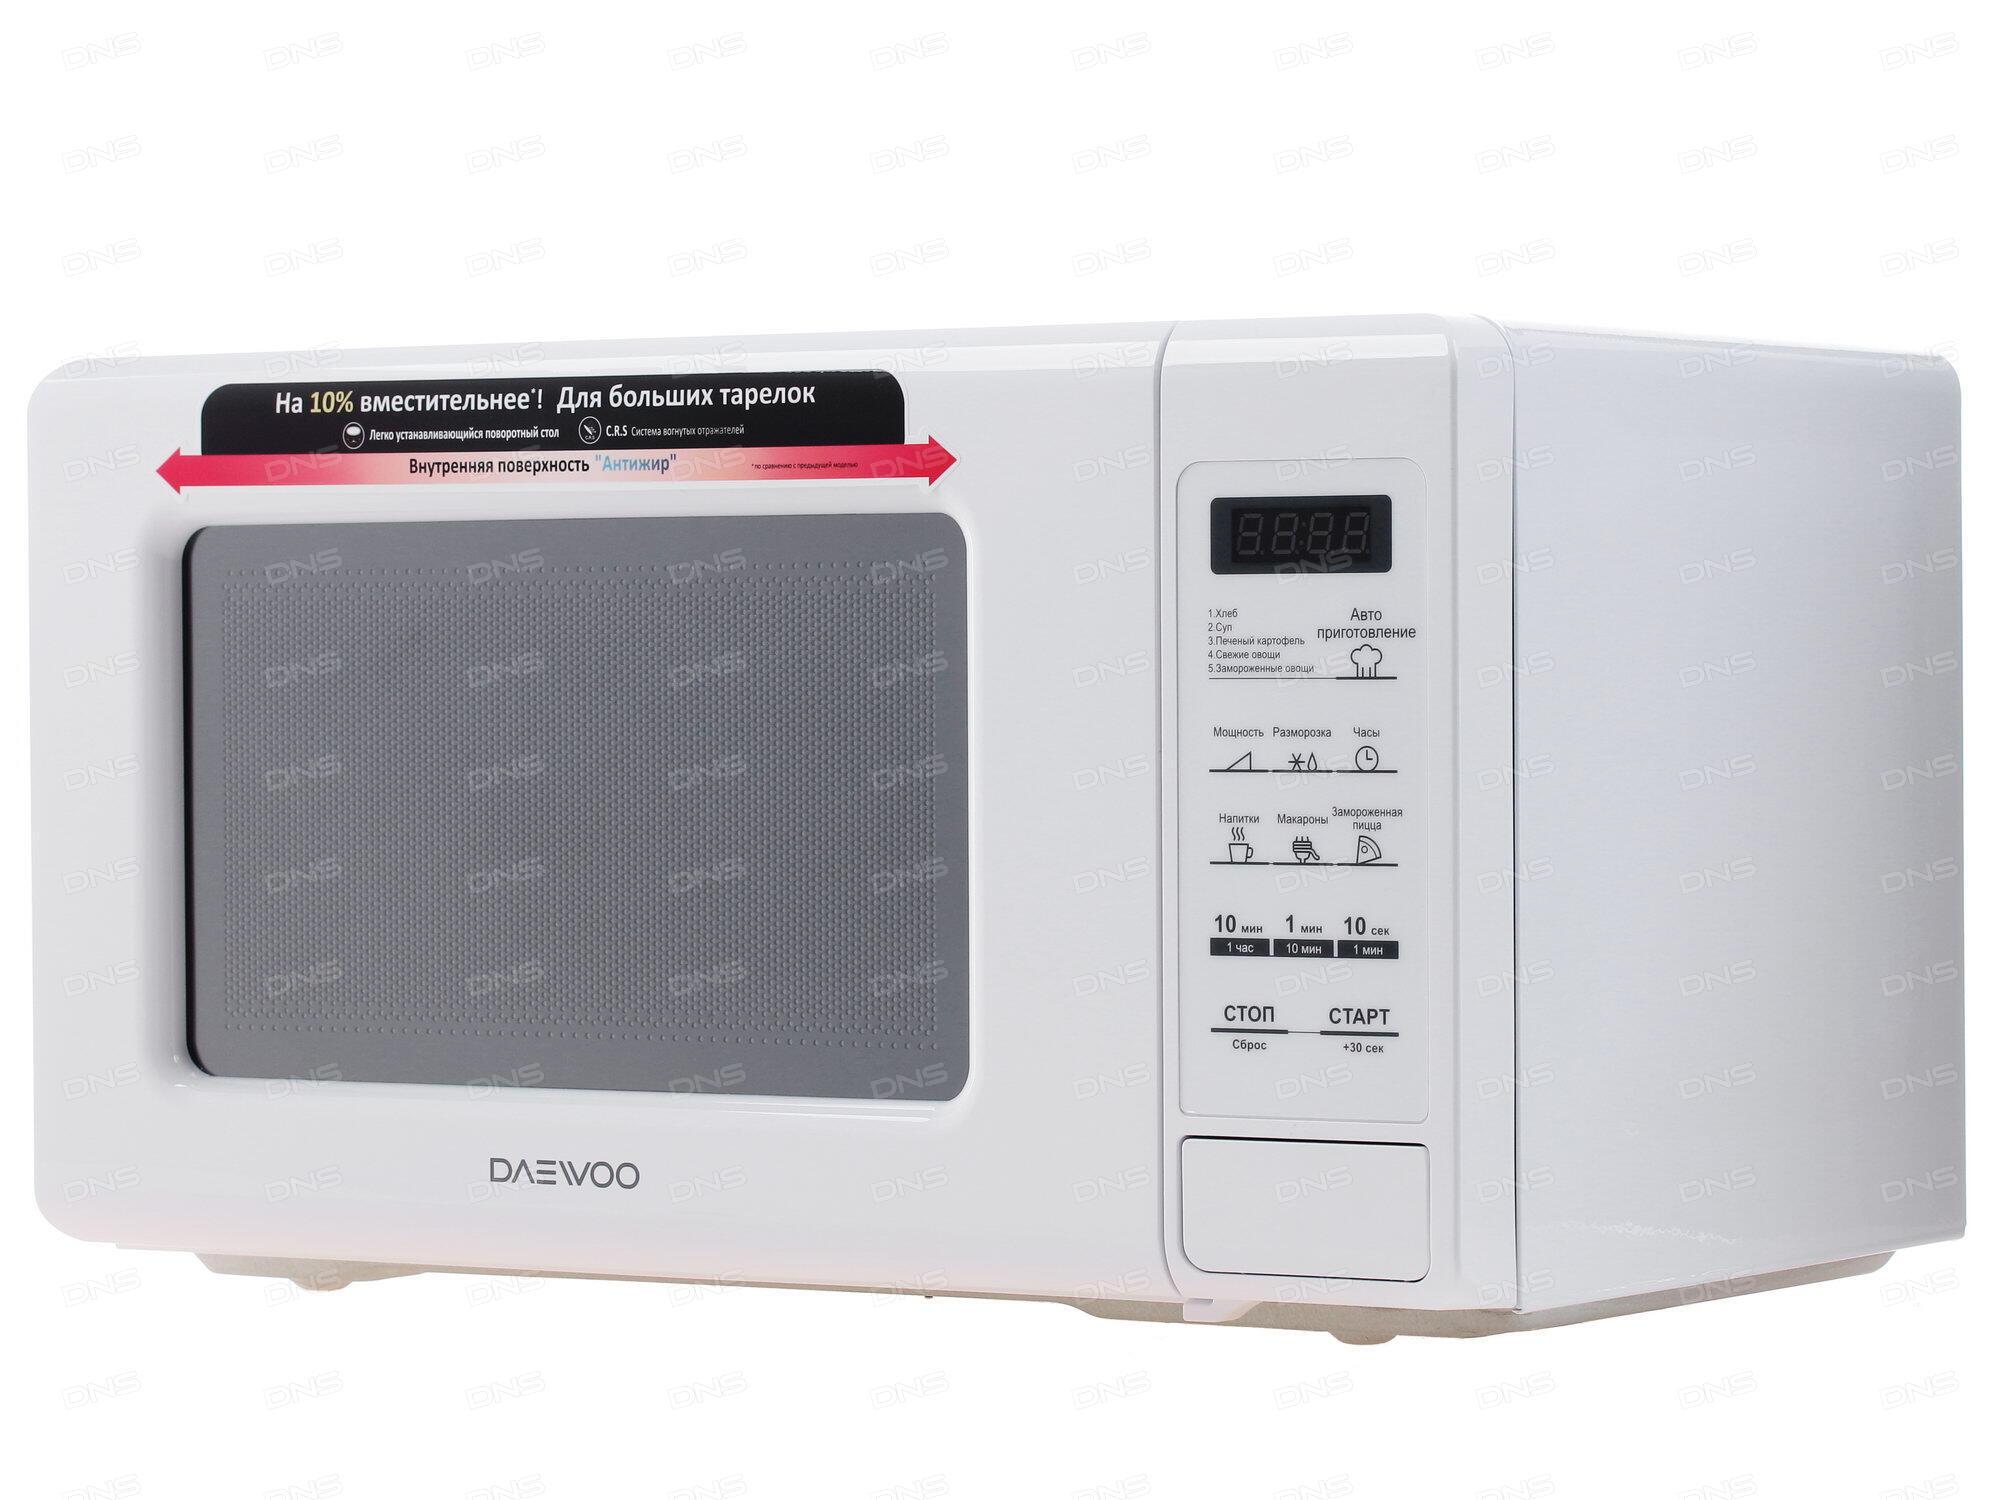 Микроволновая печь daewoo запчасти